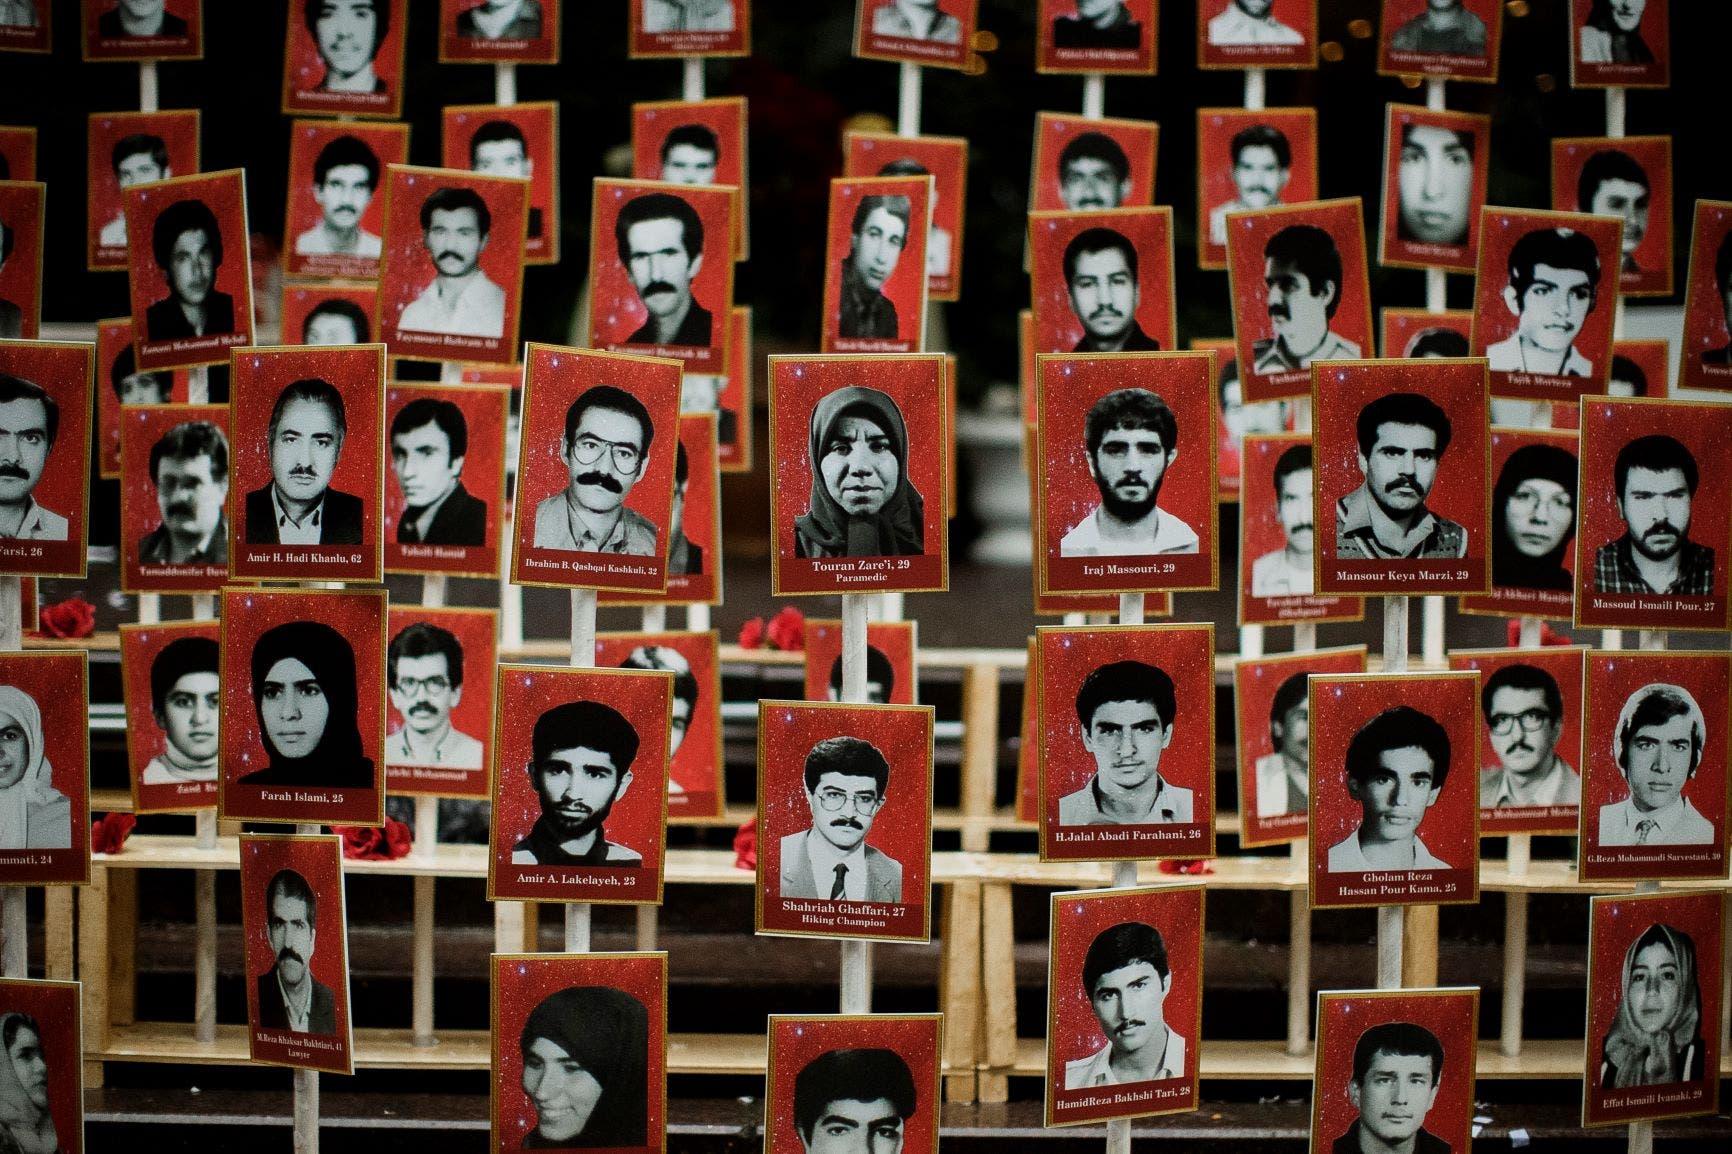 صور لأشخاص نفذ بهم حكم الإعدام (اسوشيتد برس - ارشيفية)